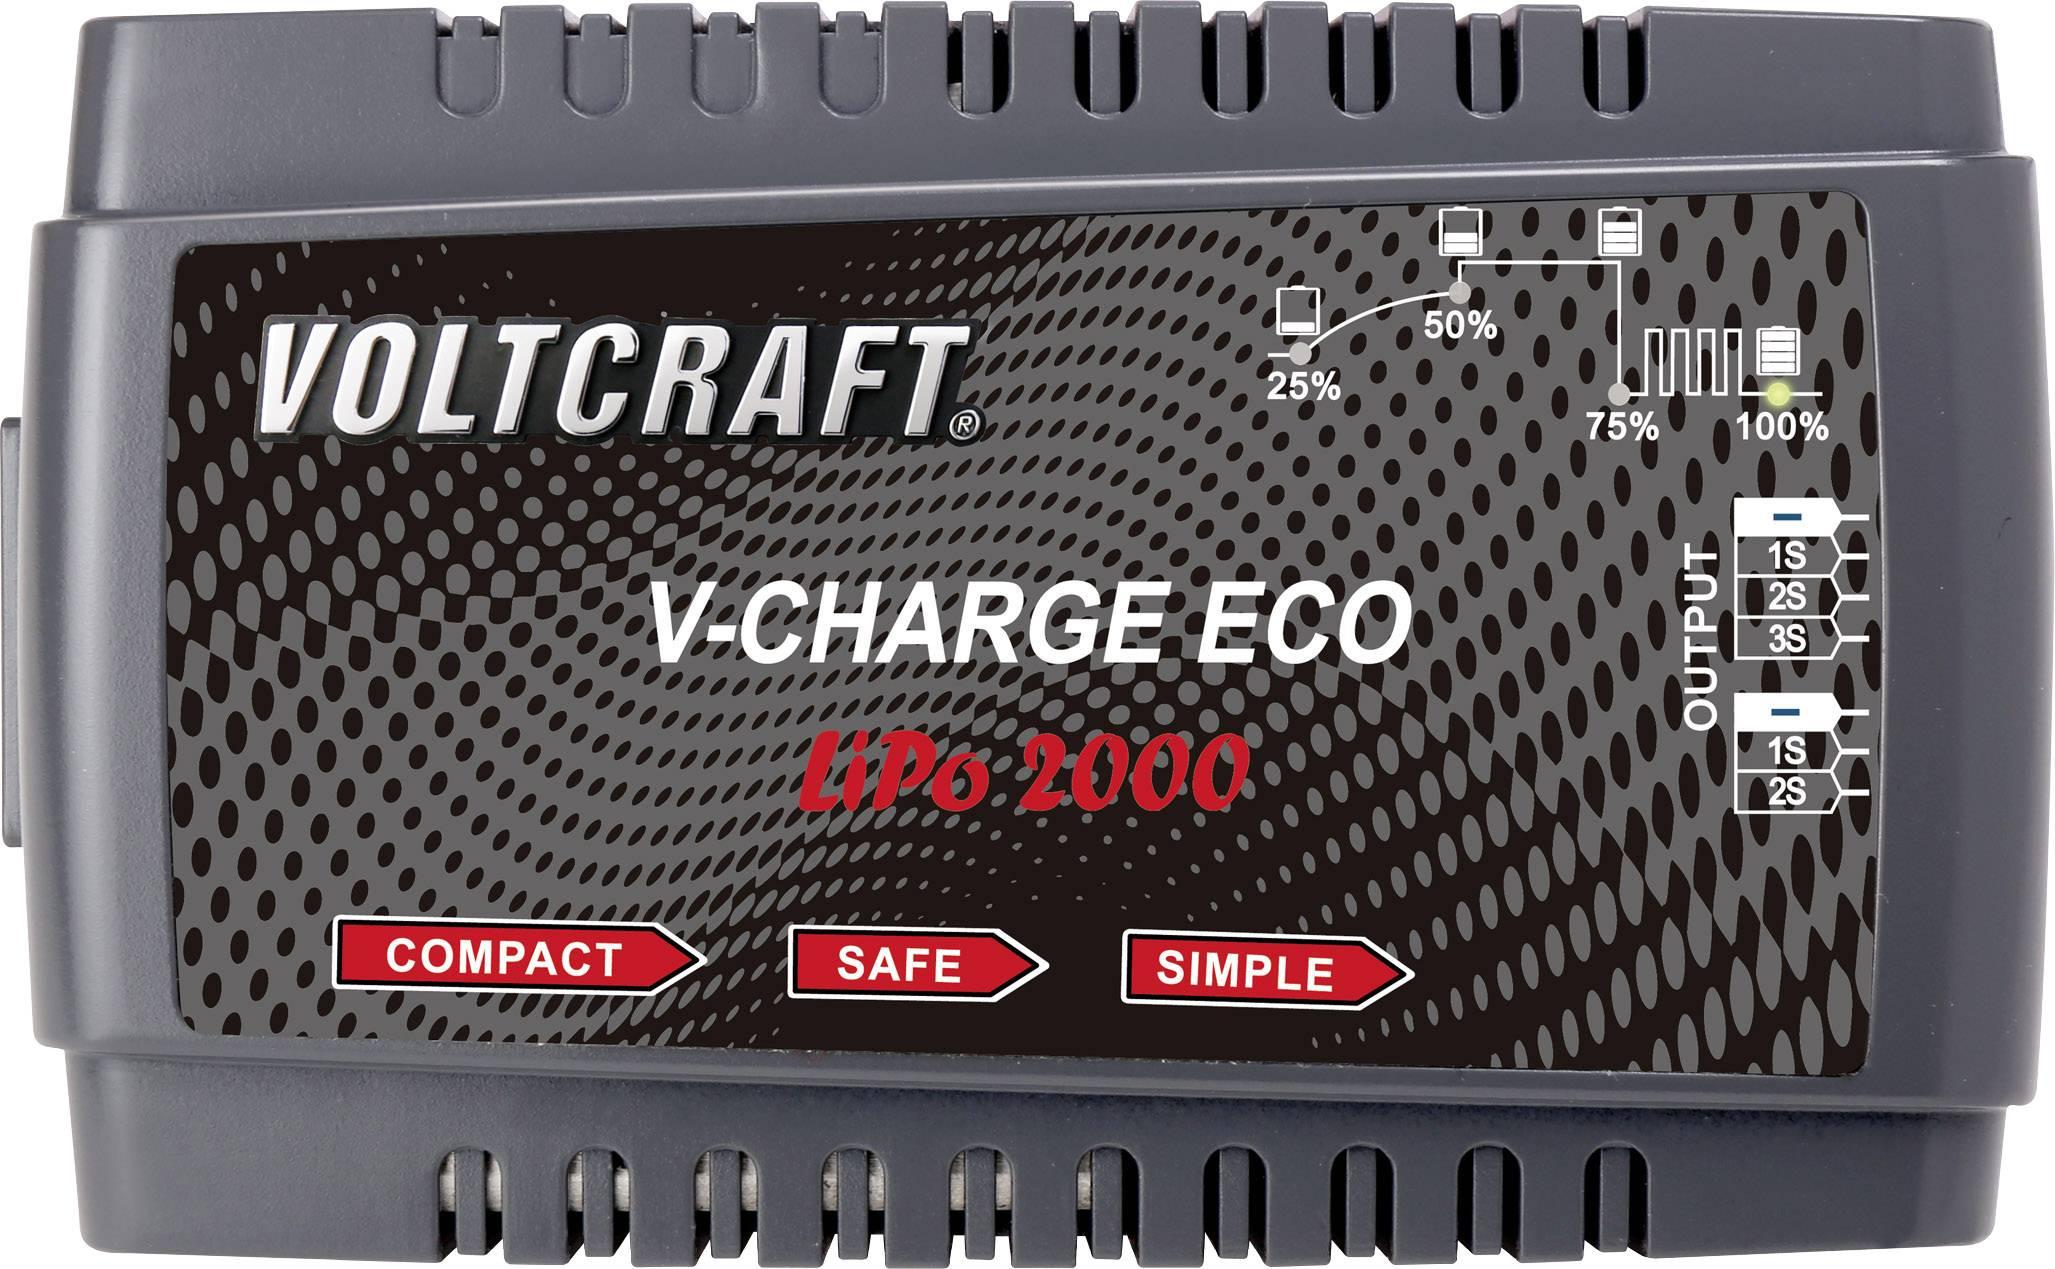 Modelárska nabíjačka Li-Pol Voltcraft V-Charge Eco LiPo 2000, 230 V, 2 A